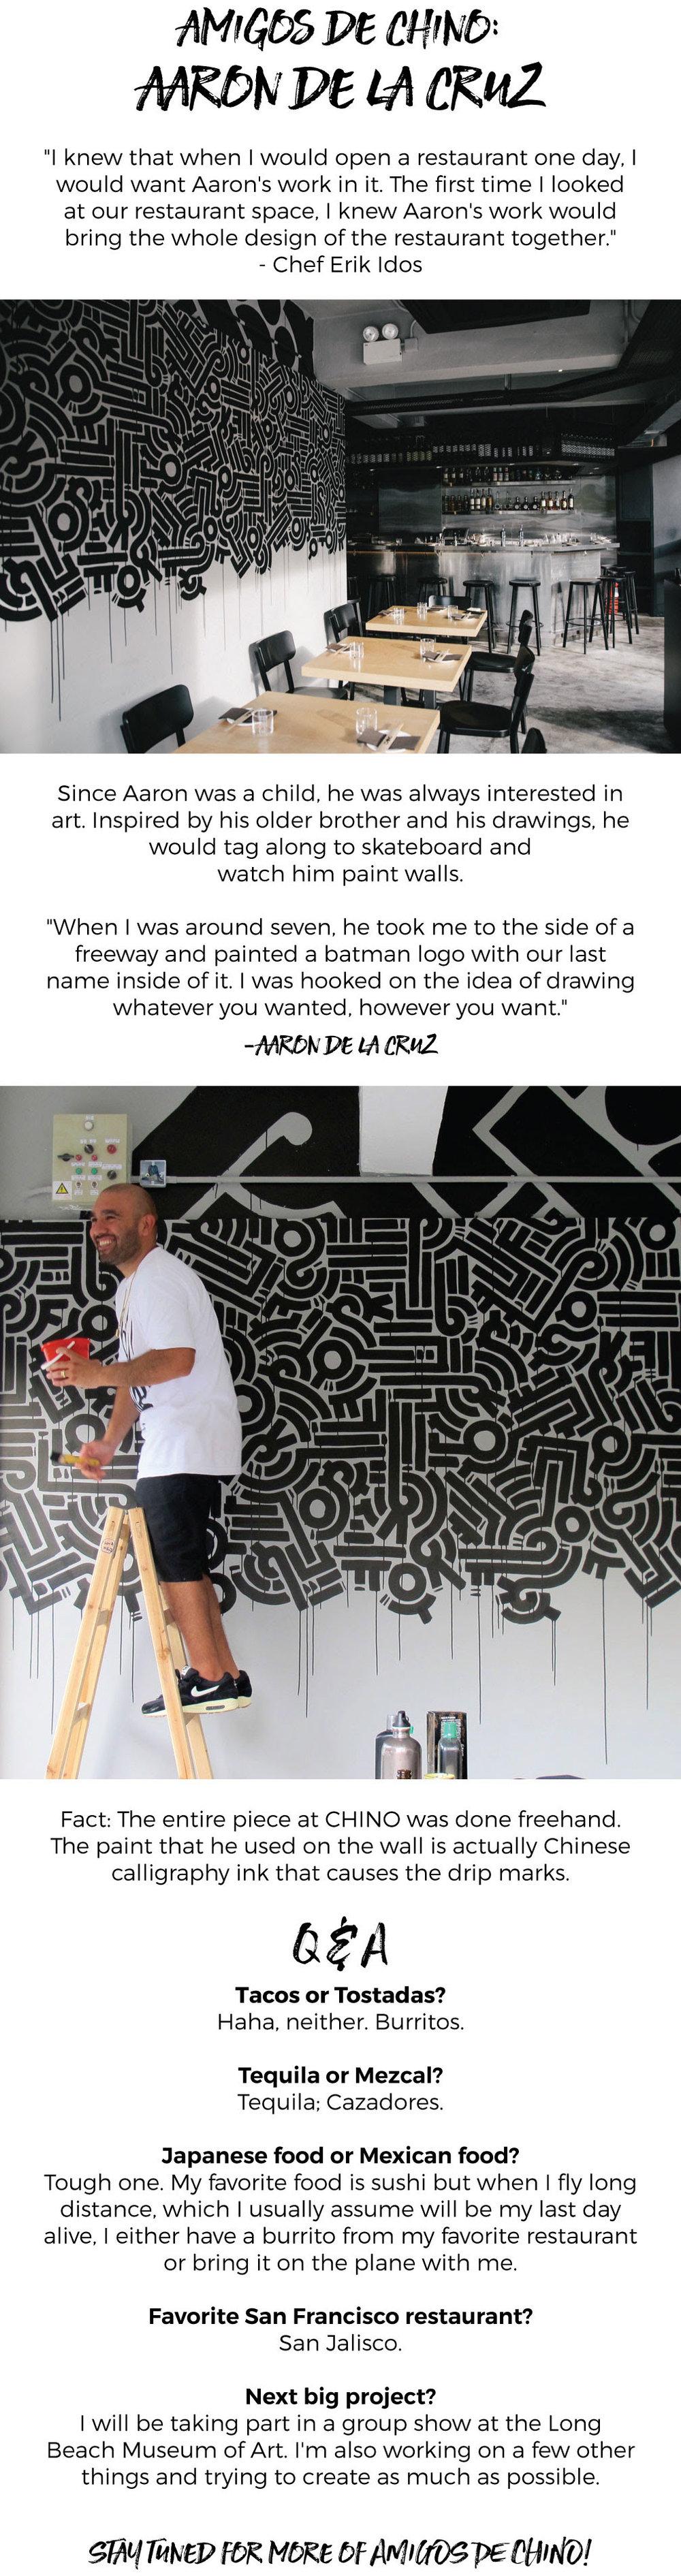 Amigos de CHINO HK: Aaron De La Cruz